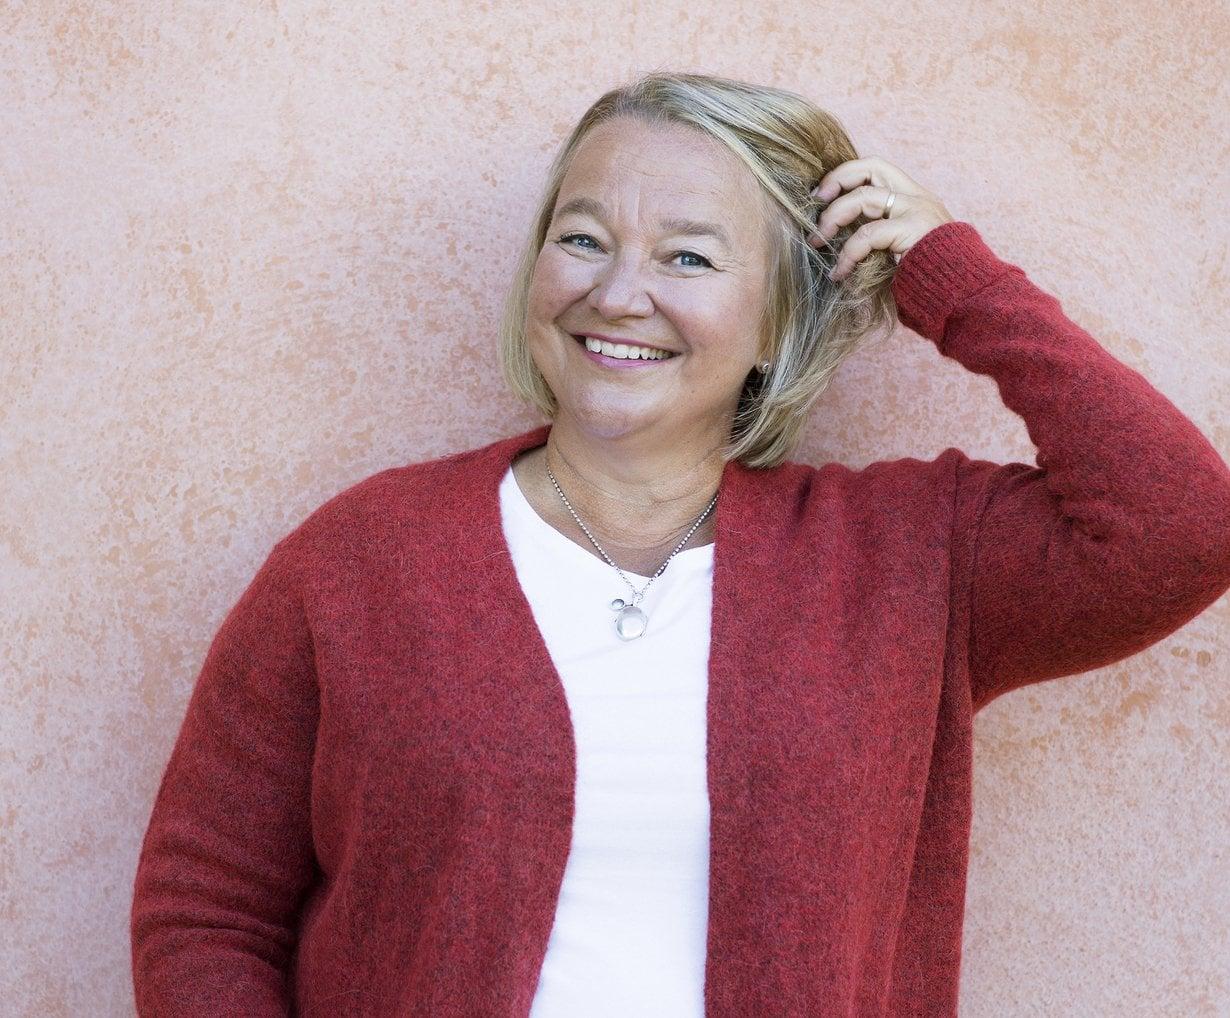 """""""Ministeriaikoina oli joskus niin kiire, että iloisuus ja luovuus katosivat stressin takia, ja pinna kiristyi äärimmilleen"""", Sydänliiton pääsihteeri Tuija Brax muistelee. Kuvat: Pia Inberg"""